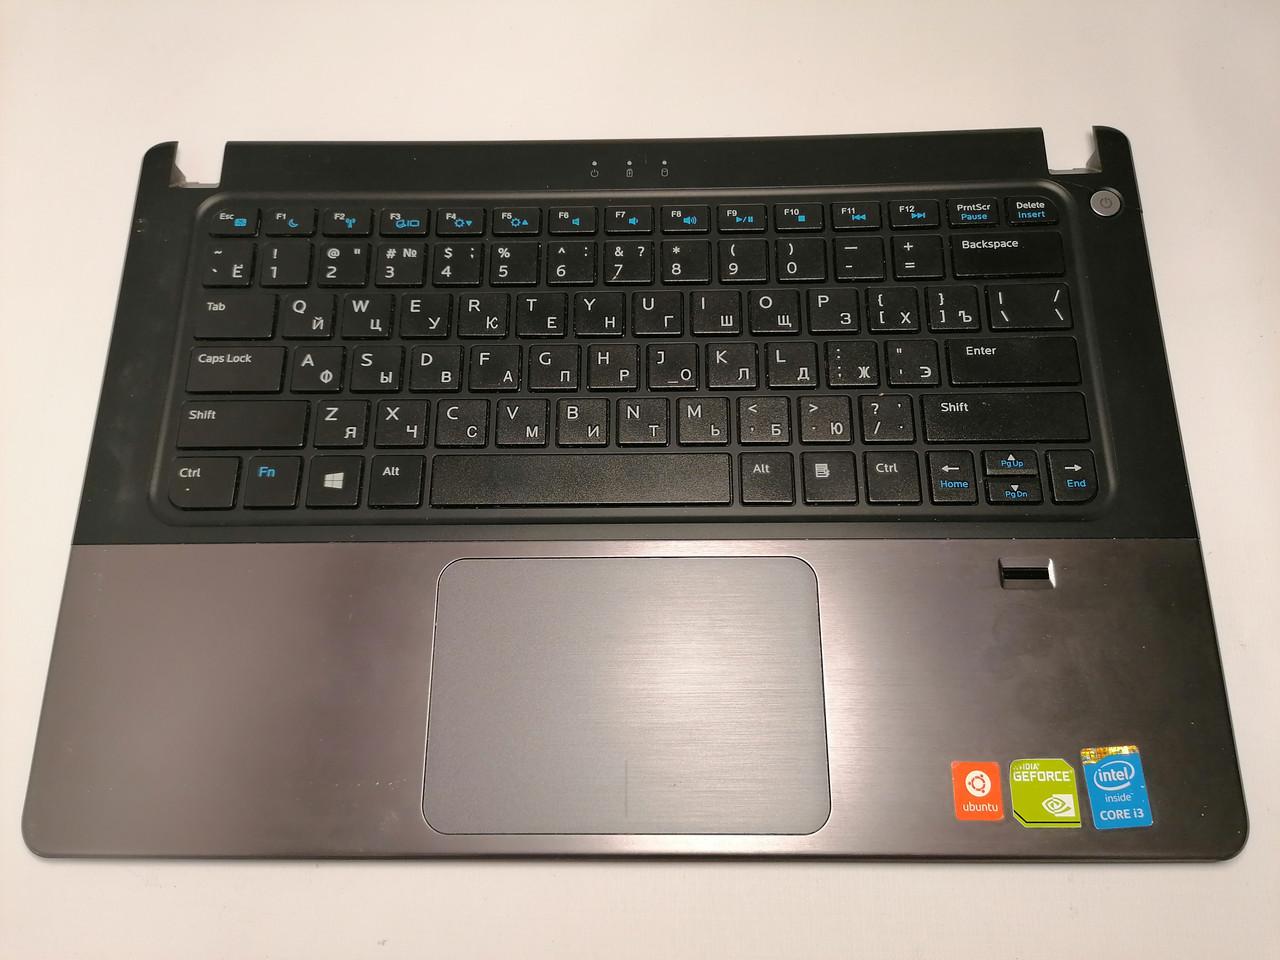 Б/У корпус крышка клавиатуры,  (топкейс) для Dell Vostro V5460 5460 V5470 5470  35JW8TA0040